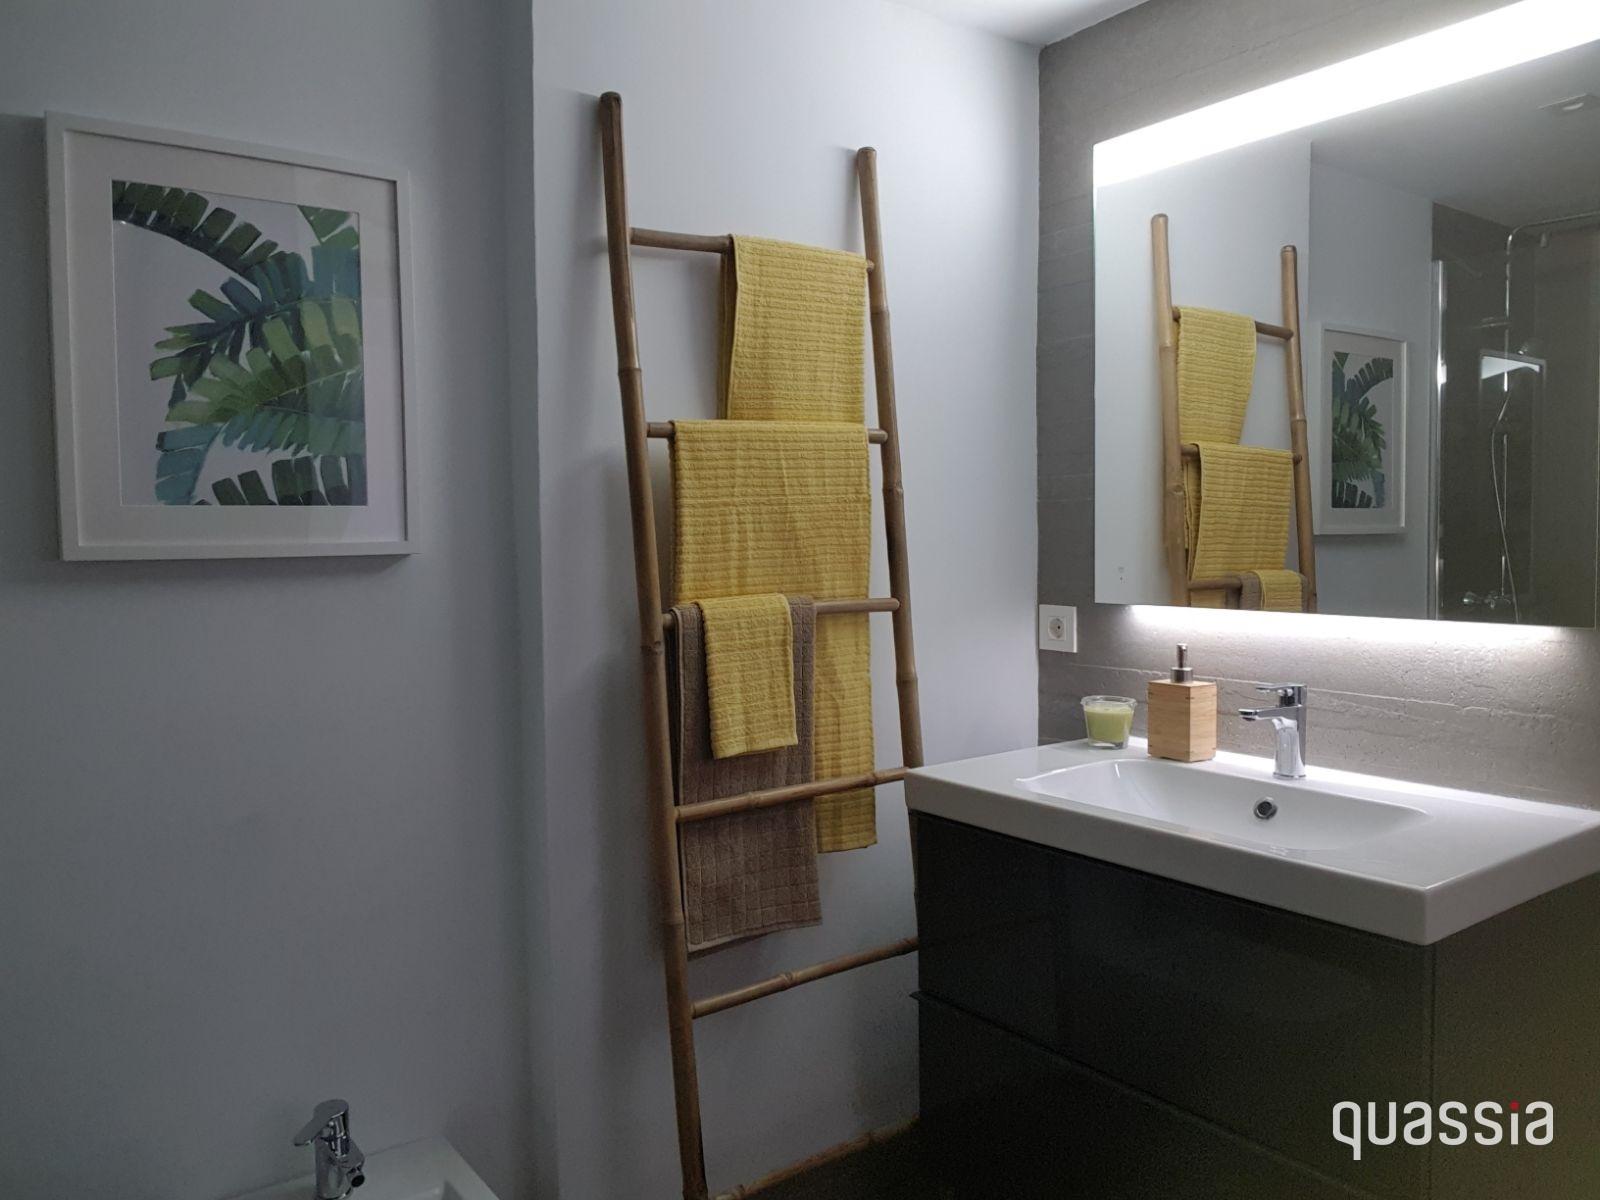 Reforma apartamento Fuengirola por Quassia (33)